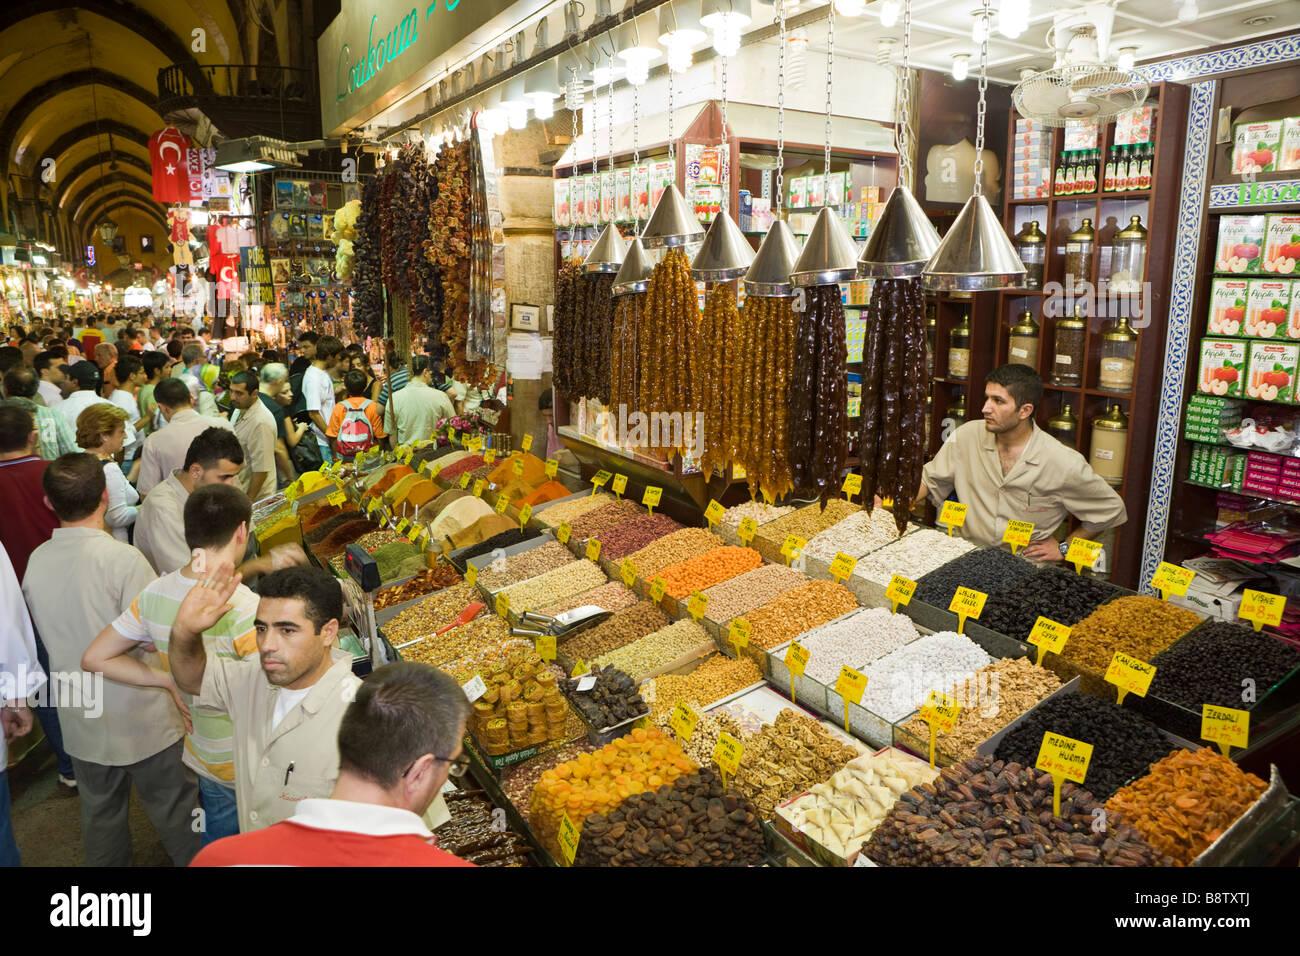 Main Passage at Egyptian Bazaar Istanbul Turkey - Stock Image